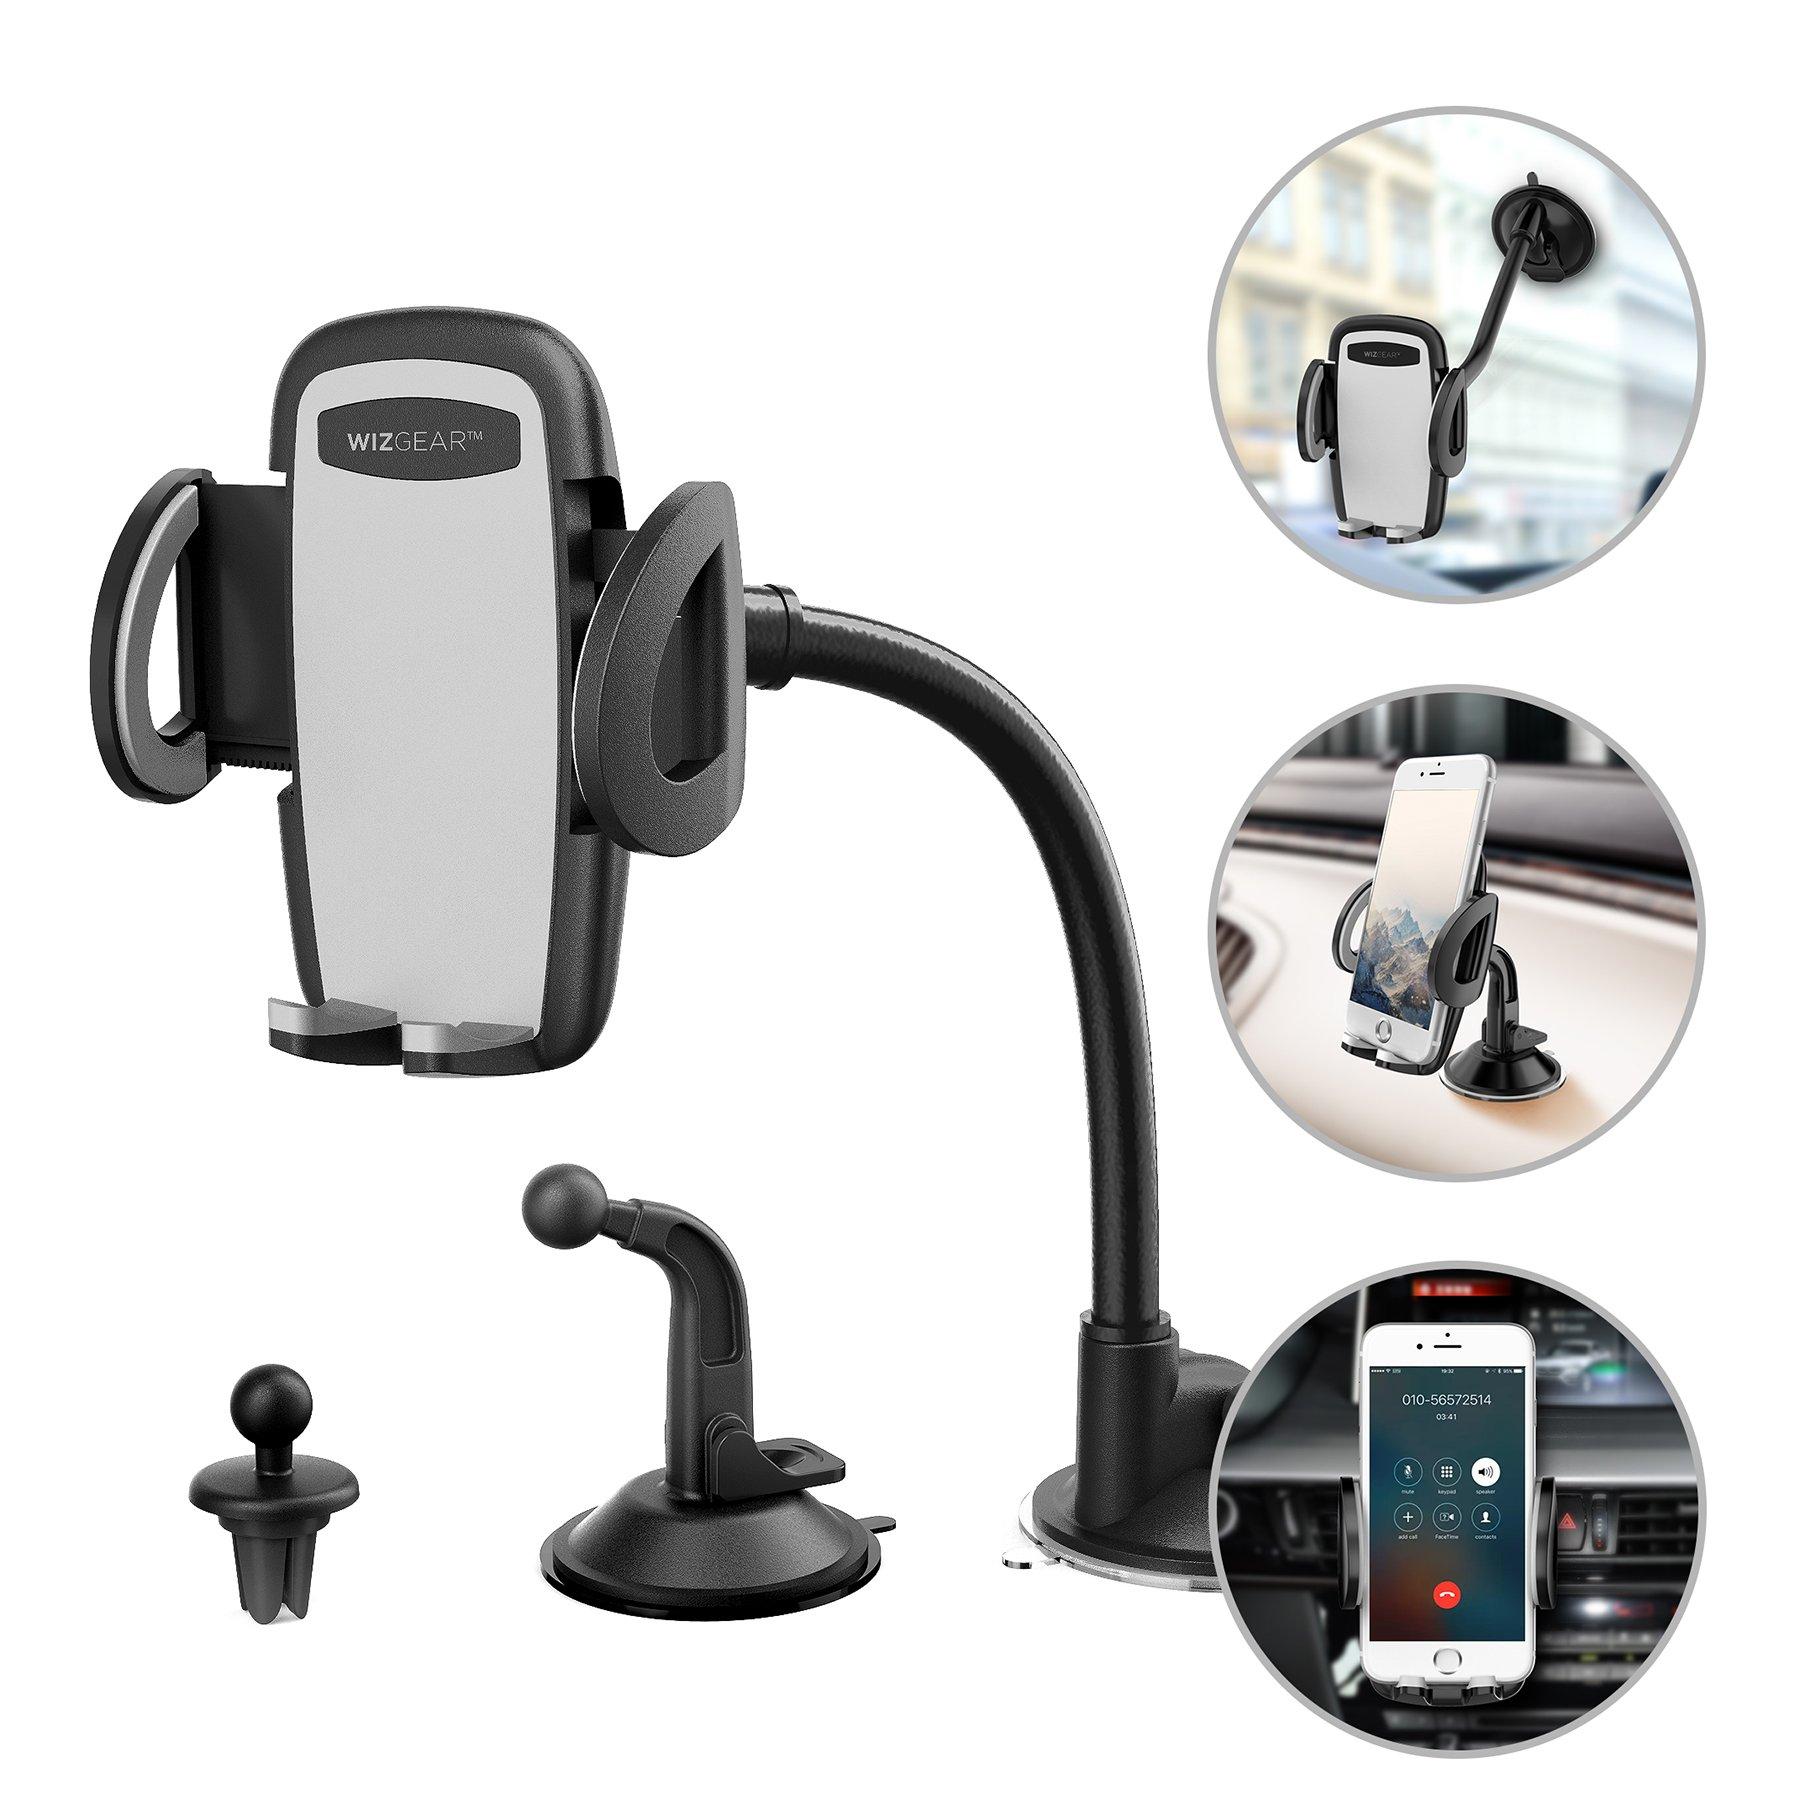 自動車電話ホルダー、WizGear 3イン1ユニバーサル自動車電話ホルダー、自動車電話インストルメントパネルと携帯電話ホルダー、フロントガラスのインストールと空気抜きホルダー